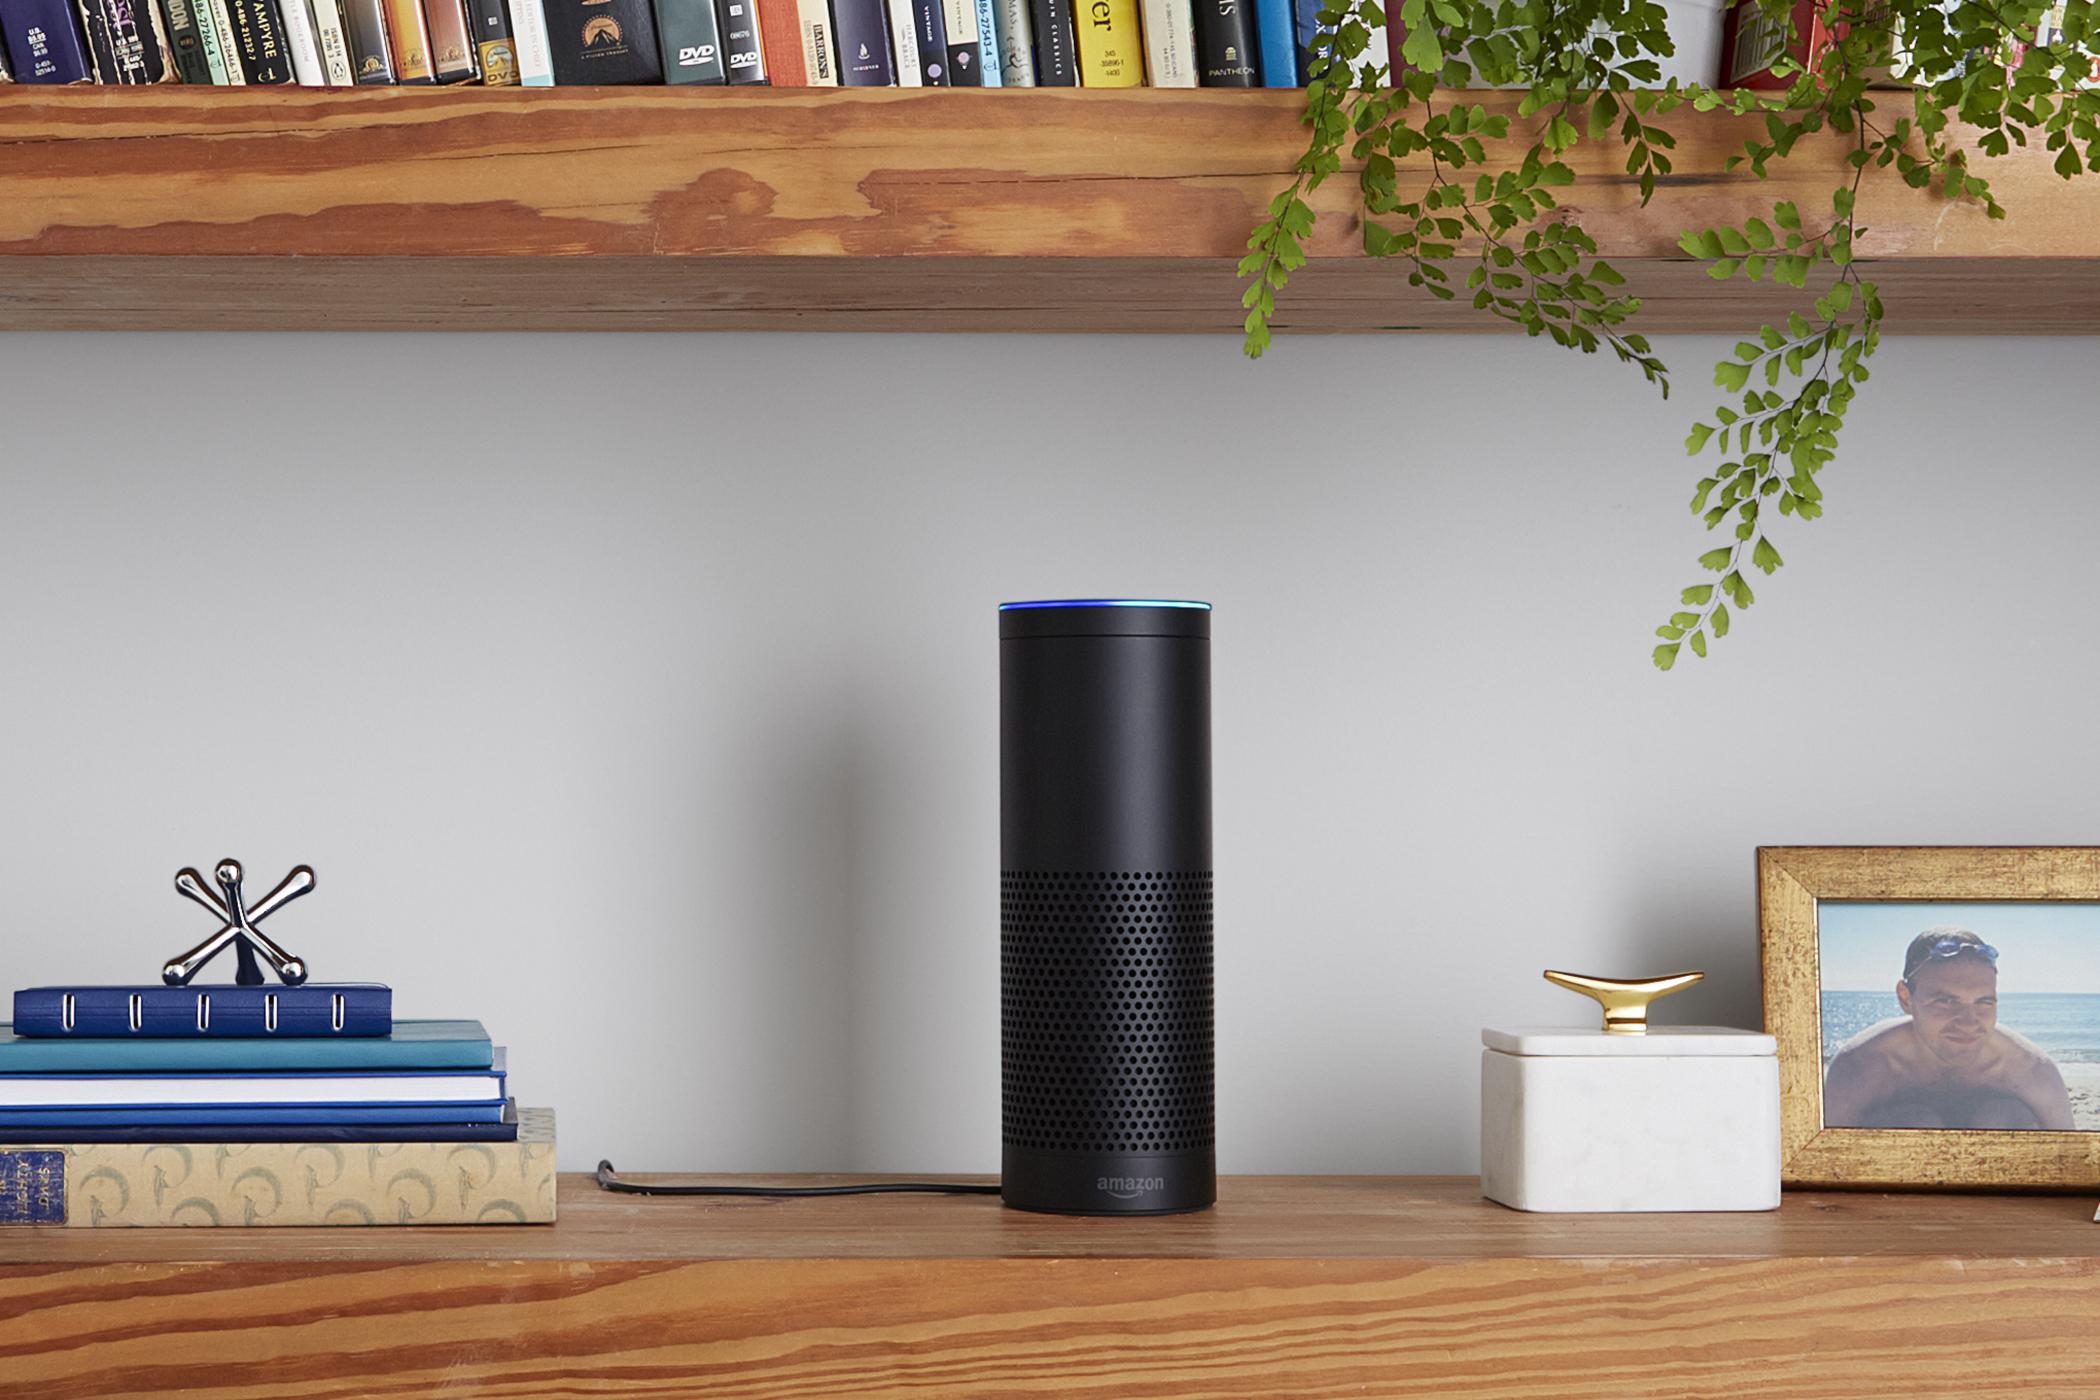 Amazon Echo, Bookshelf